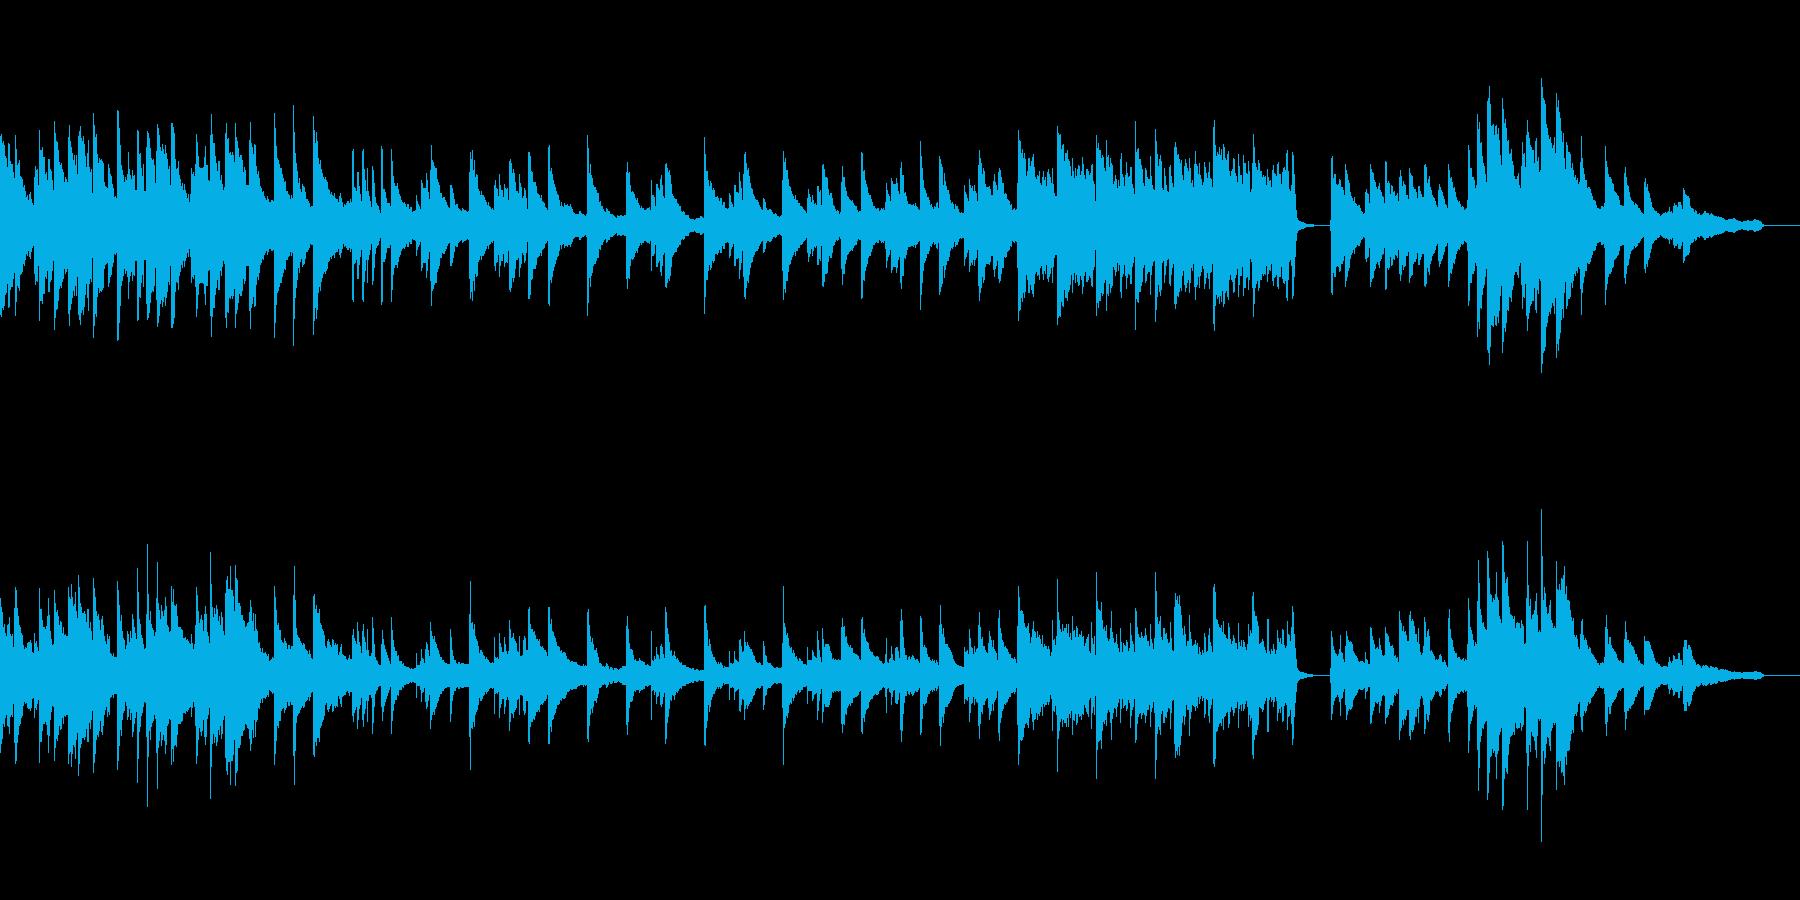 【感動のワンシーンに!】優しいピアノ曲の再生済みの波形